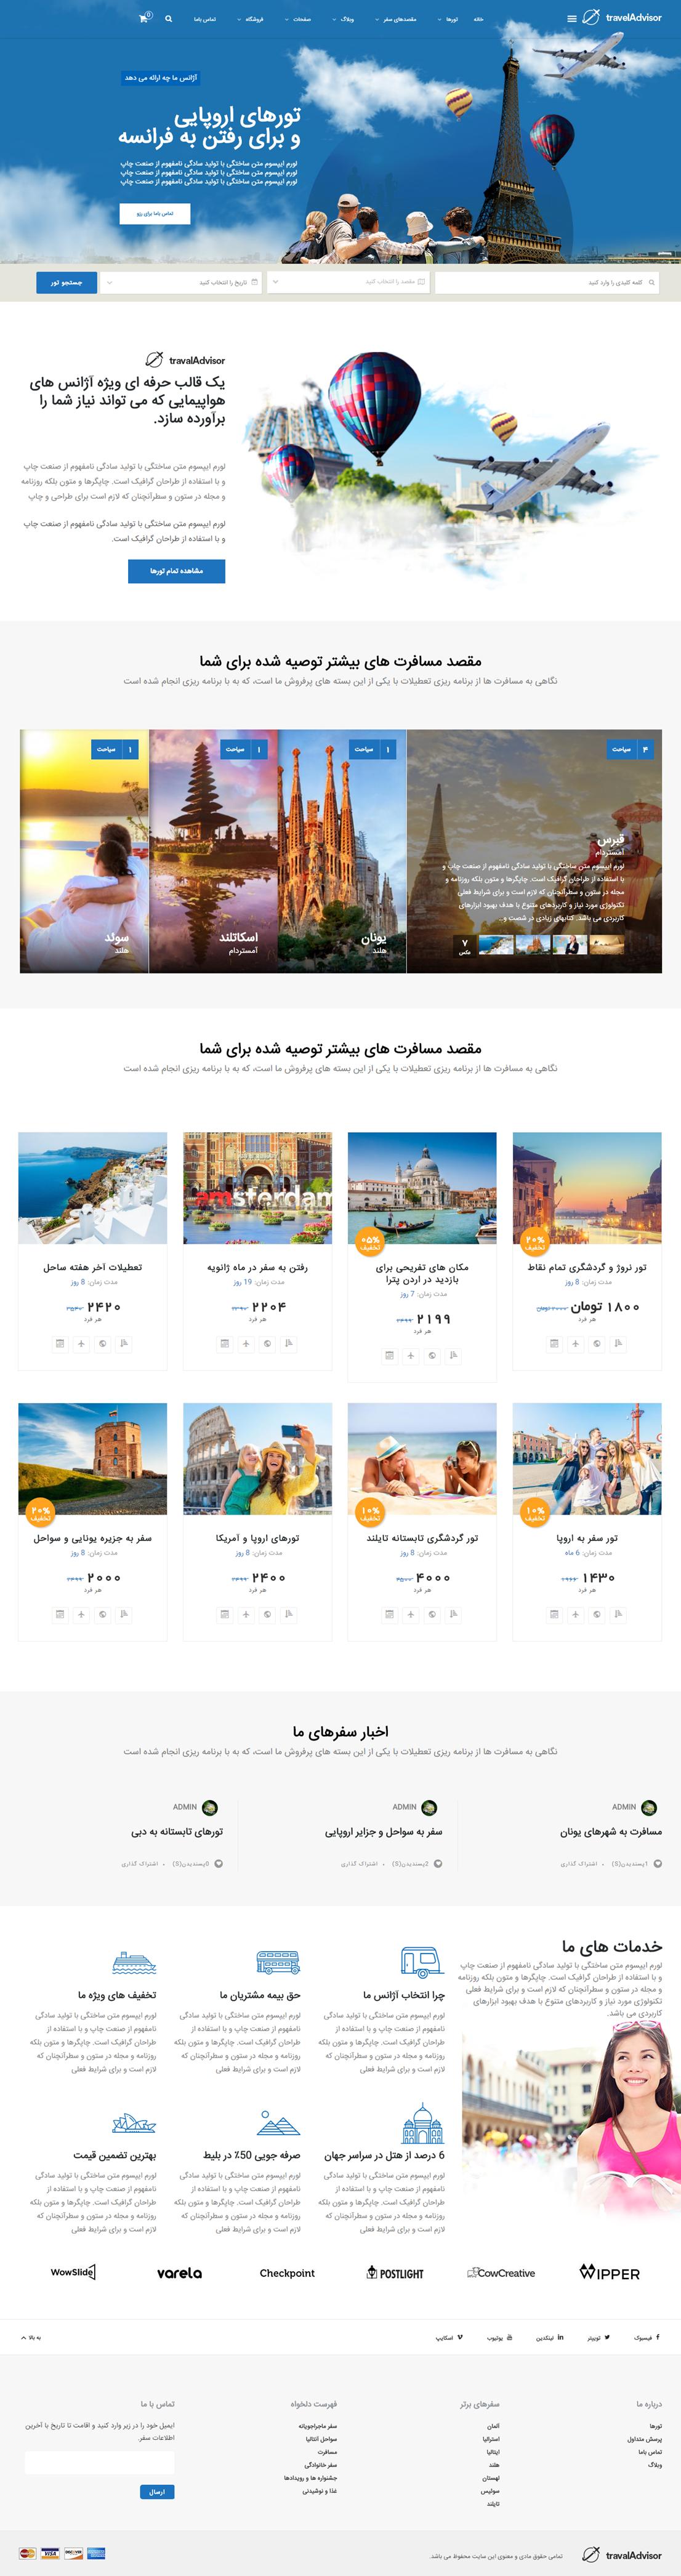 قالب ad travel | قالب وردپرس ad travel | قالب آژانس مسافرتی | خرید قالبad travel